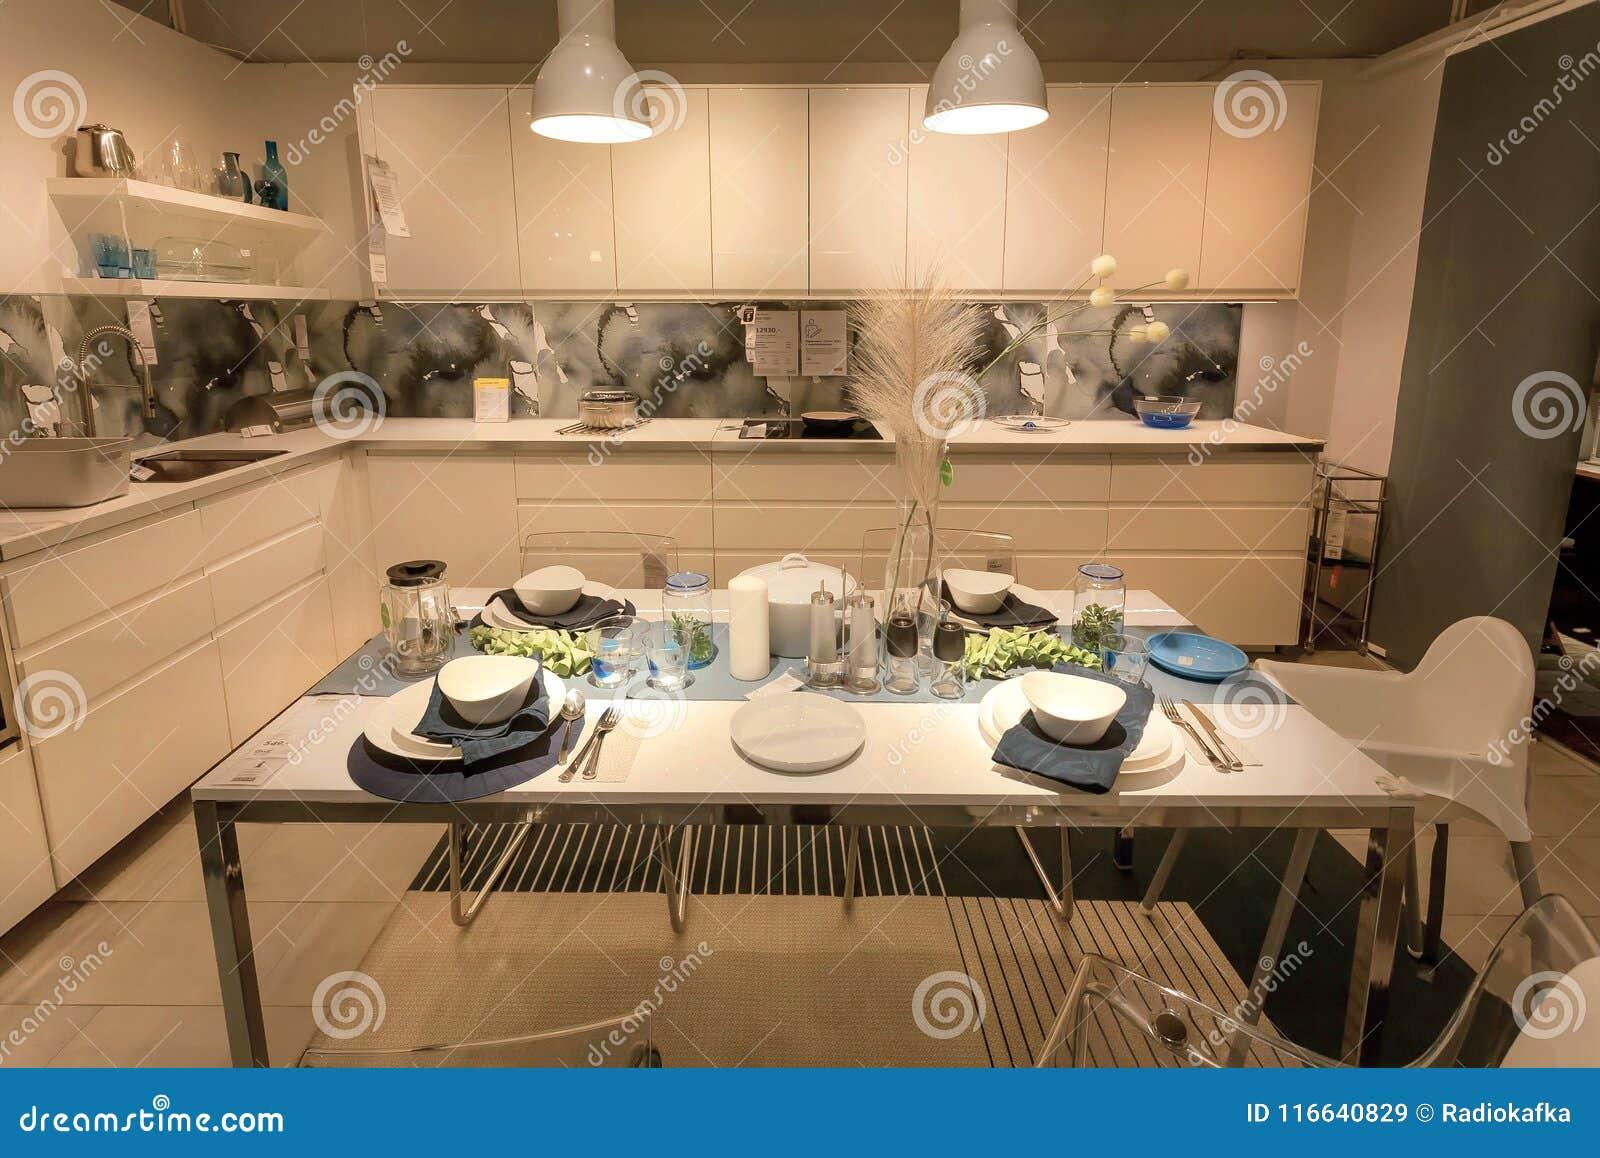 Nowozytna Kuchnia I Jadalnia W Wielkim Ikea Sklepie Z Meble